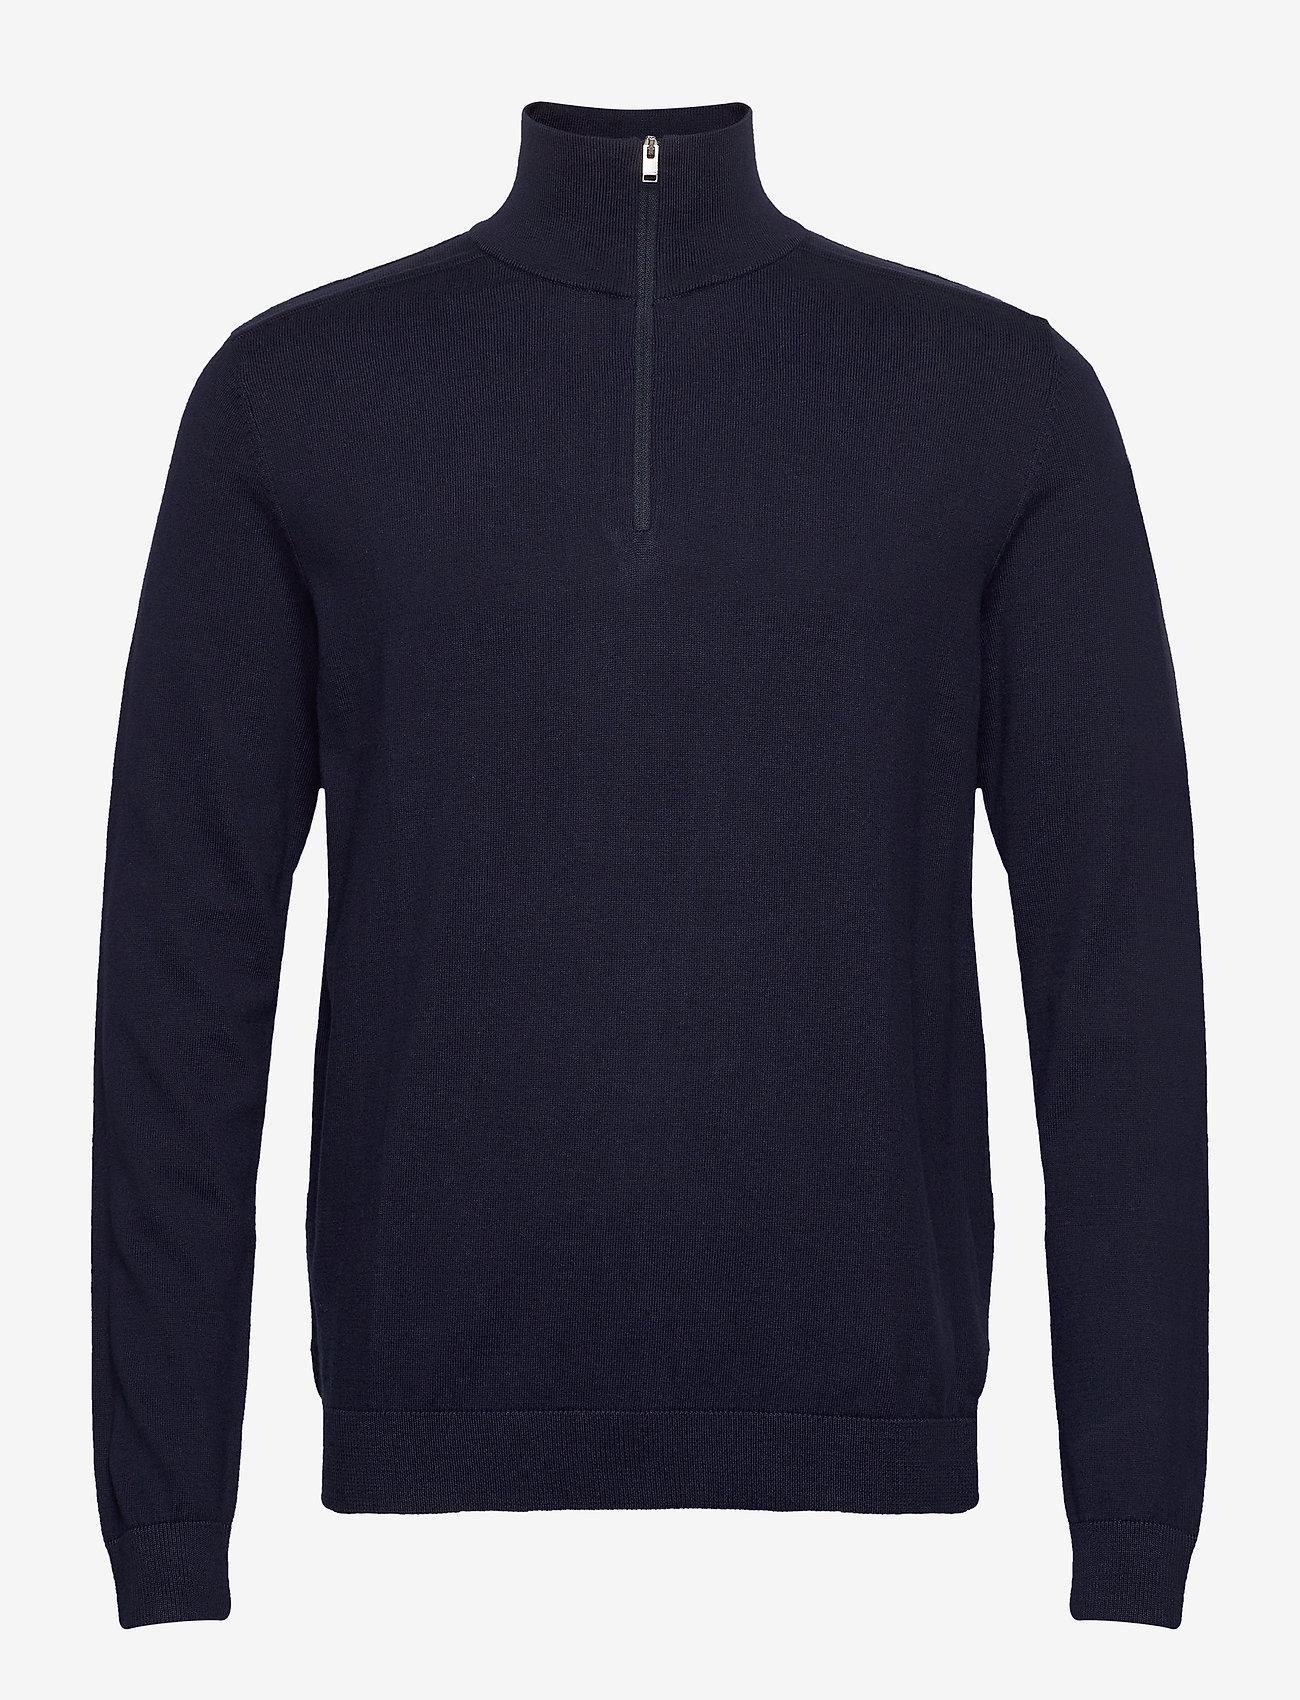 Selected Homme - SLHBERG HALF ZIP CARDIGAN  - half zip - navy blazer - 0